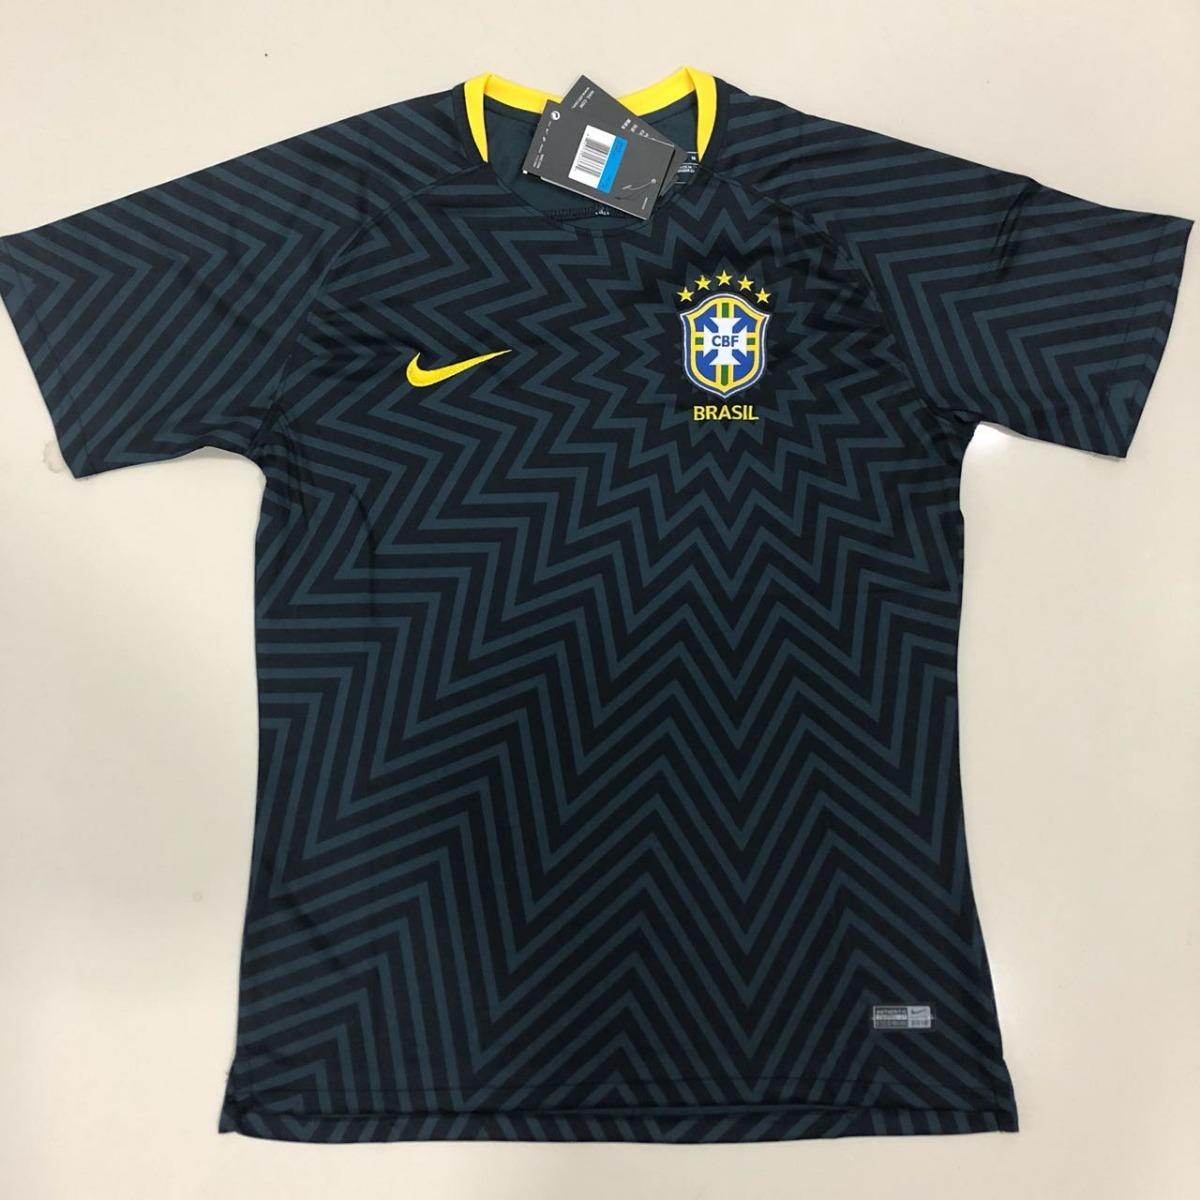 a82afdcafb camisa brasil nike preta pré-jogo copa 2018. Carregando zoom.